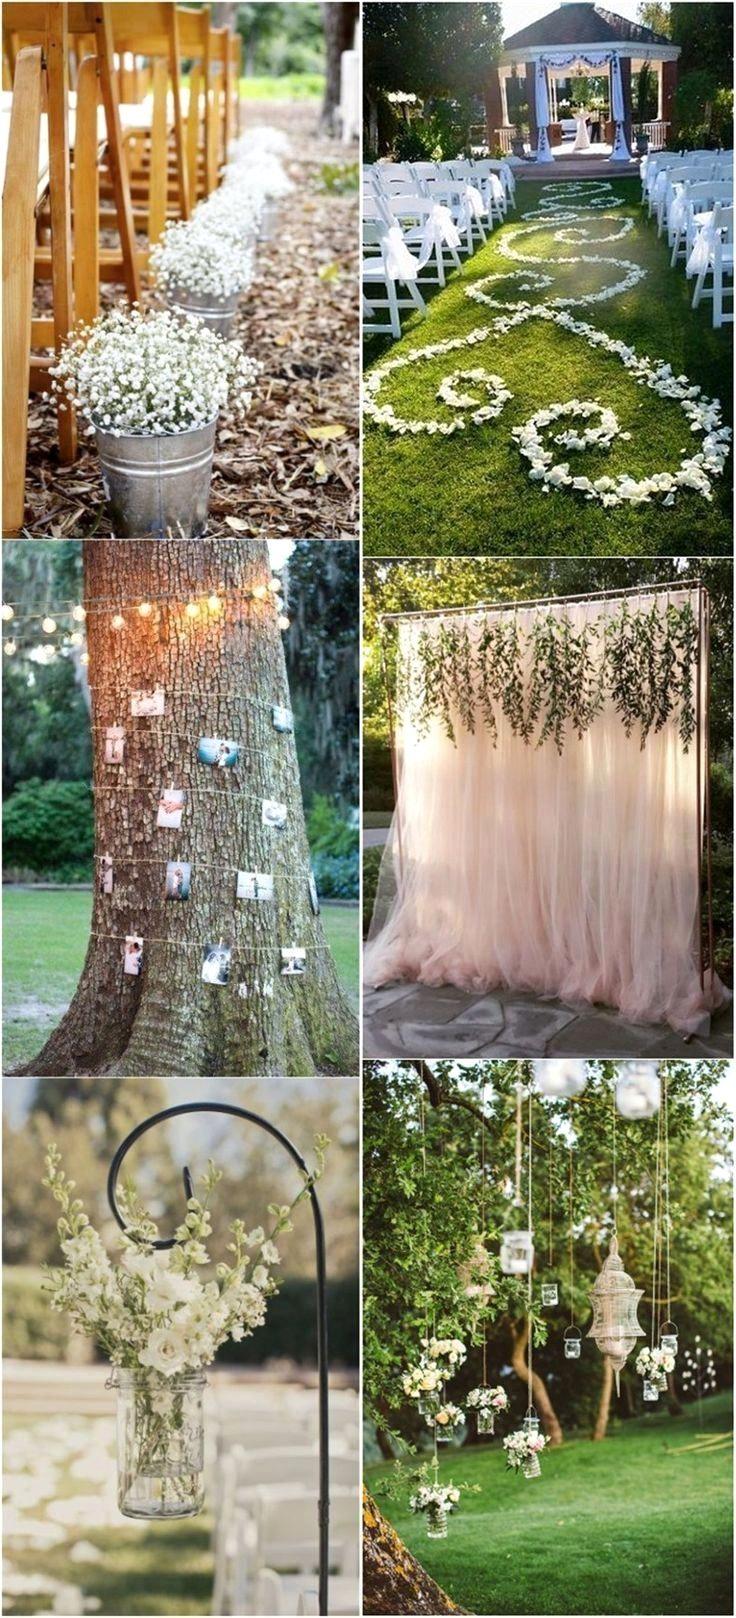 32+ Backyard wedding ideas for fall ideas in 2021